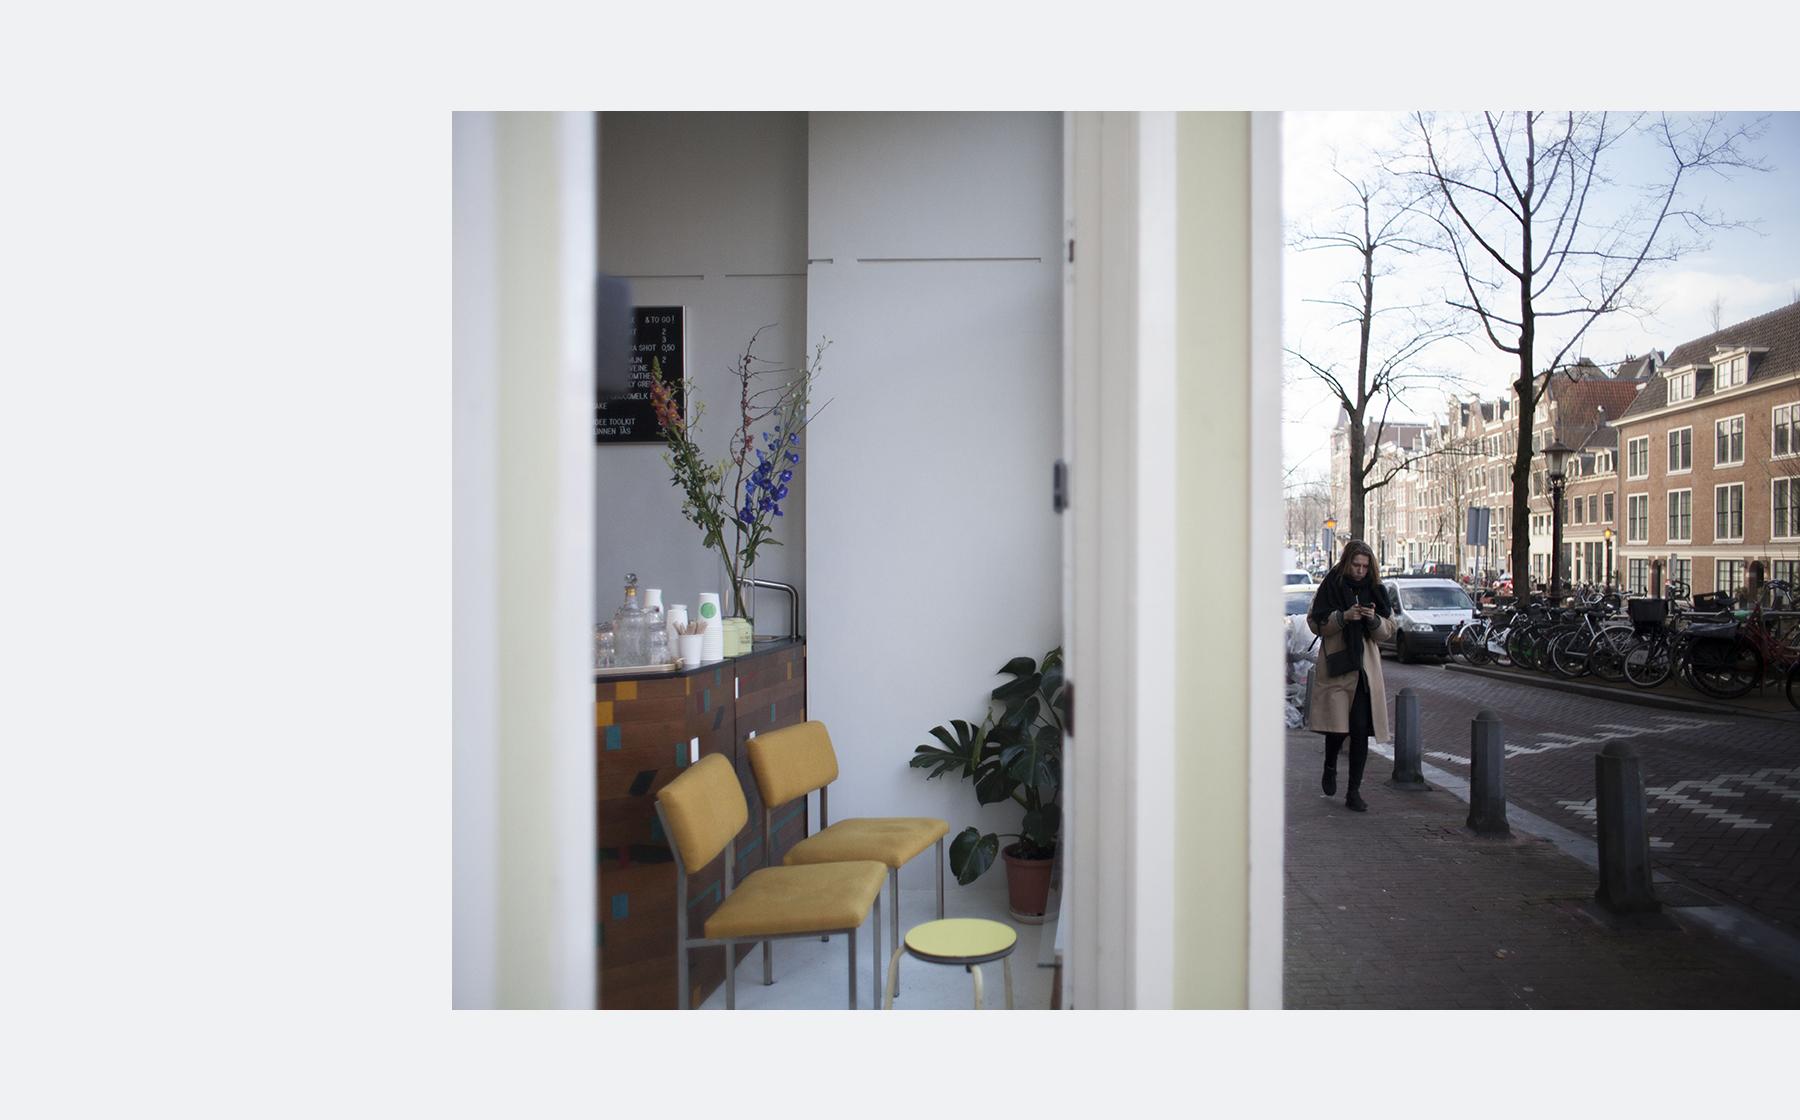 Honk - Fulltime werkplek voor € 220,- ex BTW per maandVijf werkdagen per week een plek in de WerkplaatsInclusief:• Onbeperkt toegang tot alle reguliere events bij Idéfix• Een plek op het Fixers Platform, onze online vindplaats• Een ledenprijs voor speciale events en het 90 Dagen Programma• Een ledenprijs voor food & drinks in onze koffiebar• Verbinding met een community die durft te delen